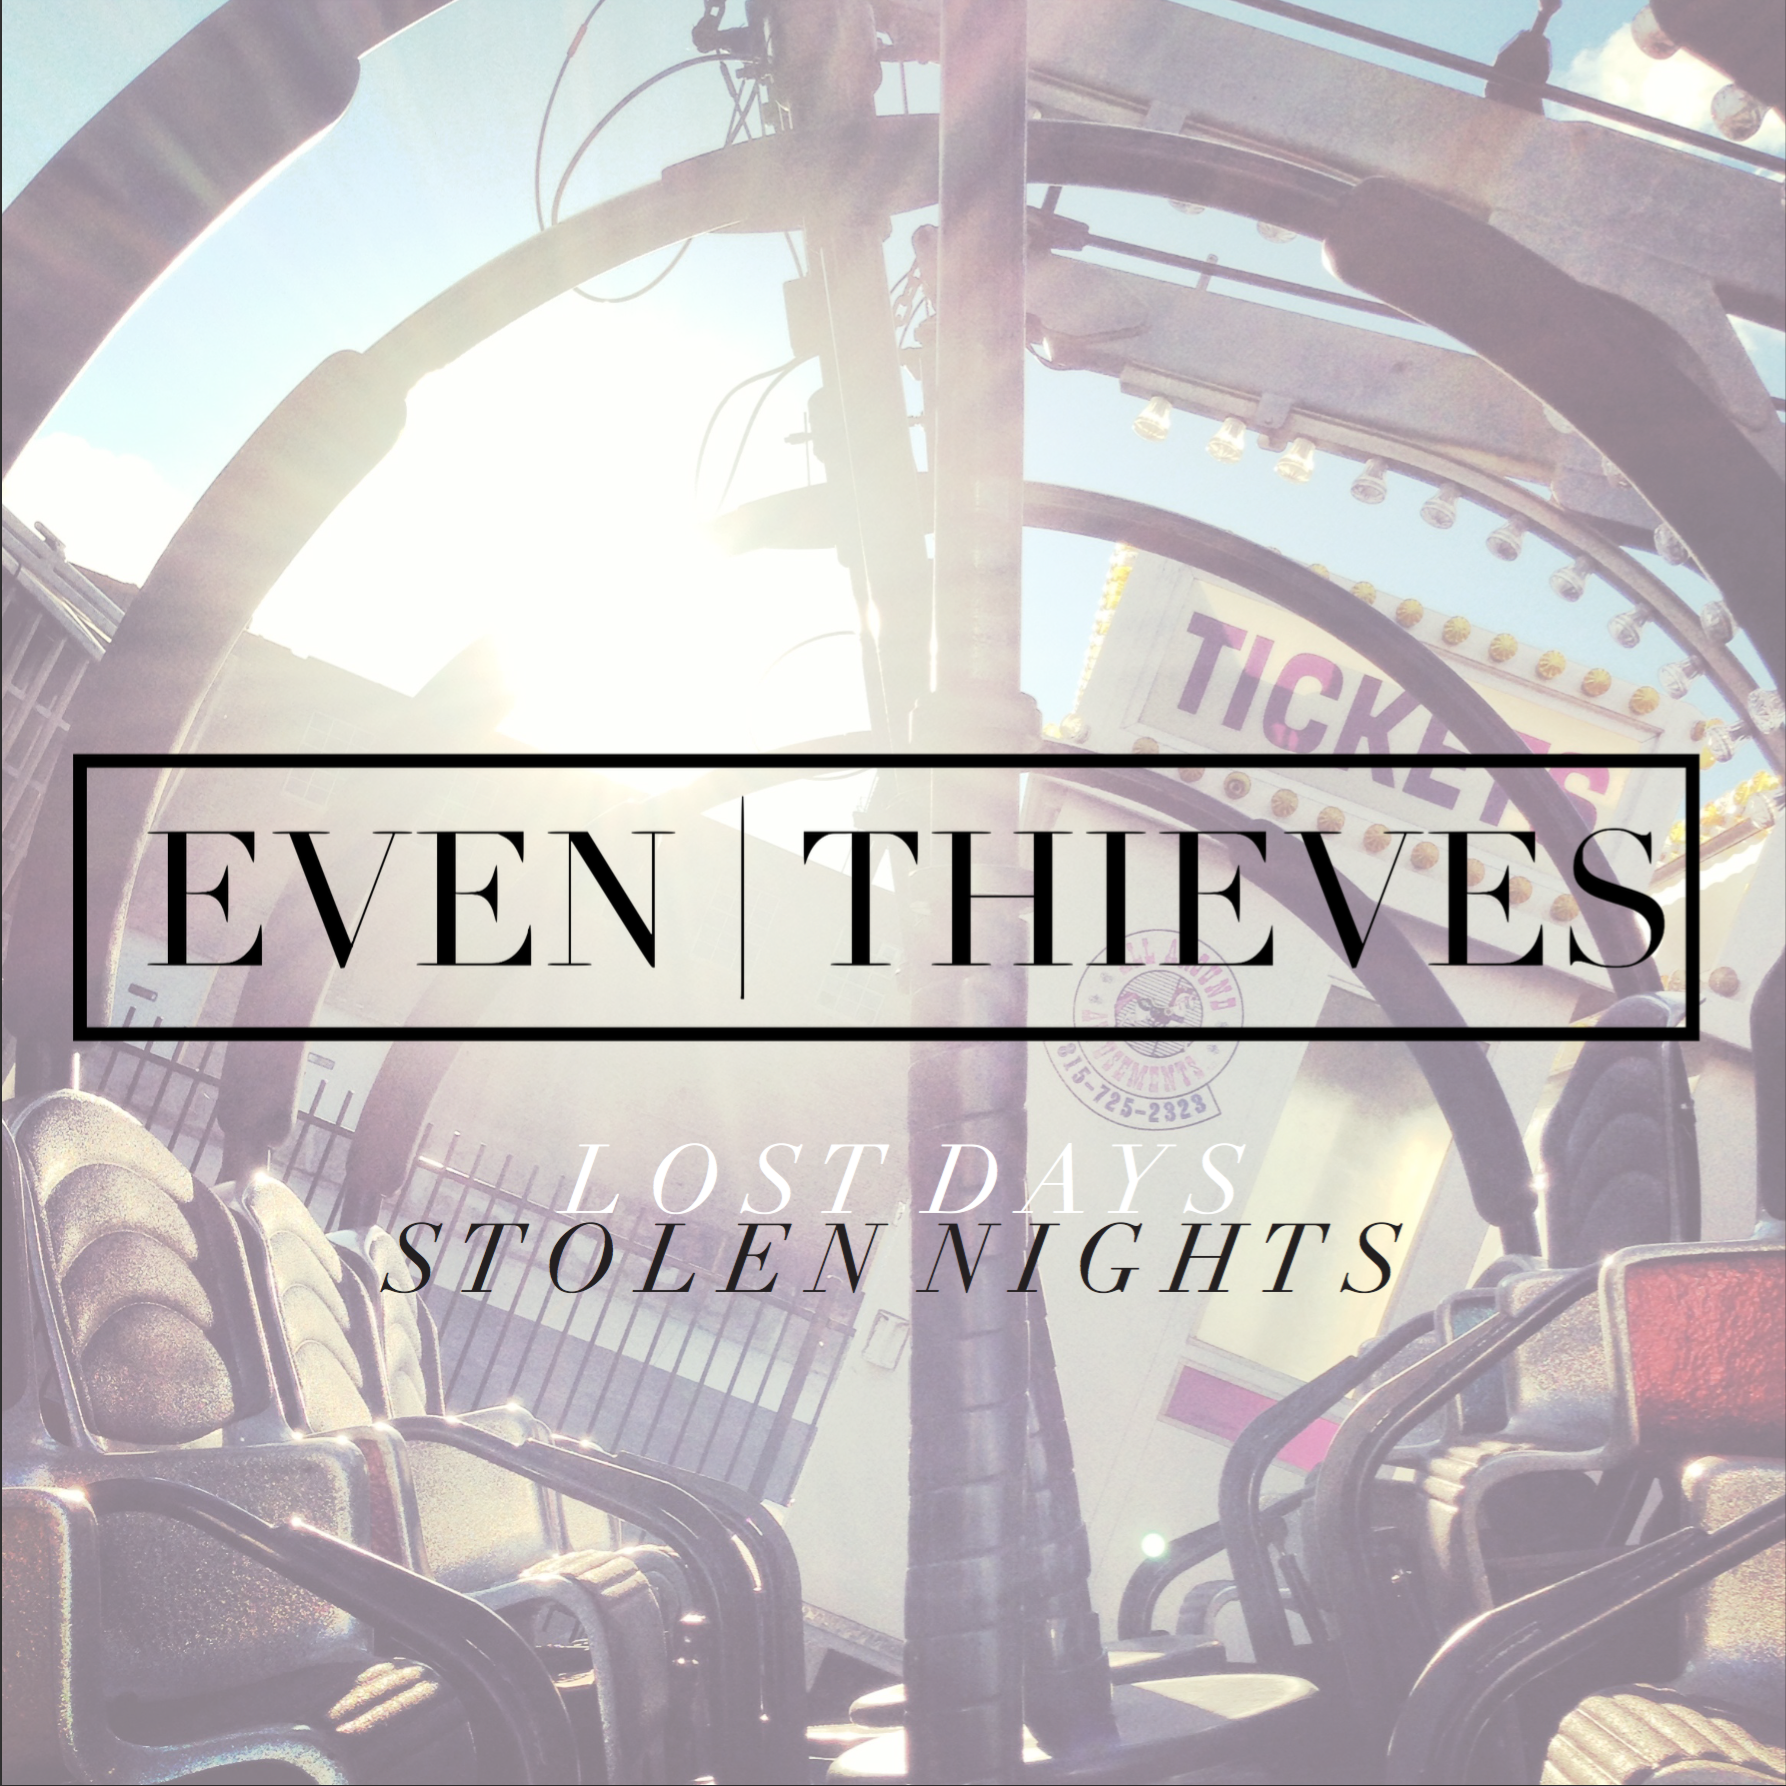 Even Thieves Lost Days, Stolen Nights Album Artwork